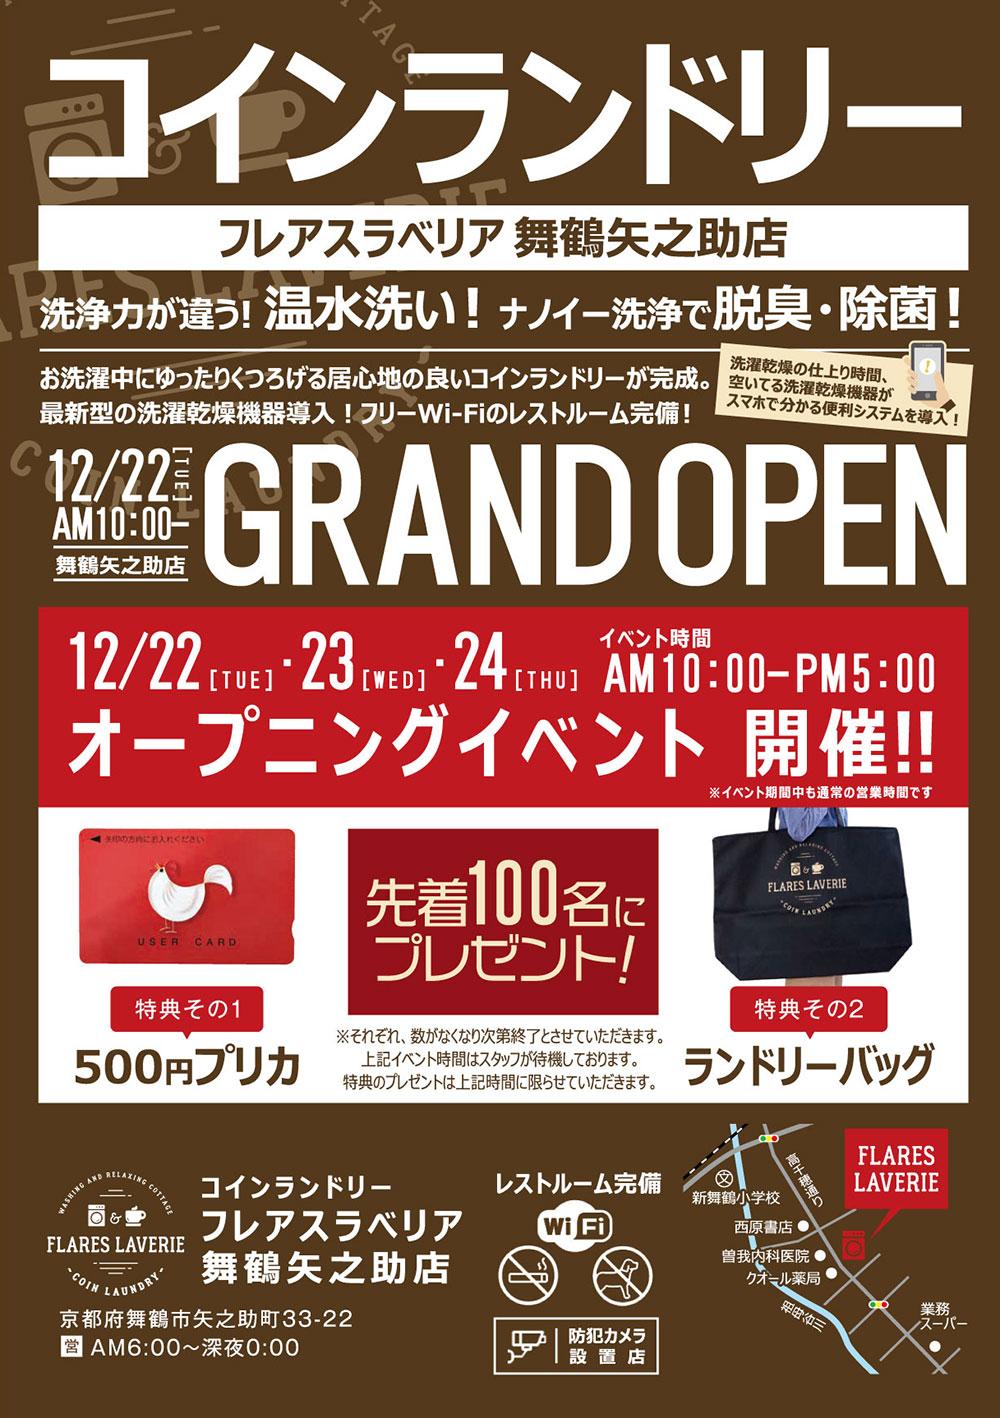 コインランドリー舞鶴矢之助店オープン フレアスラベリア